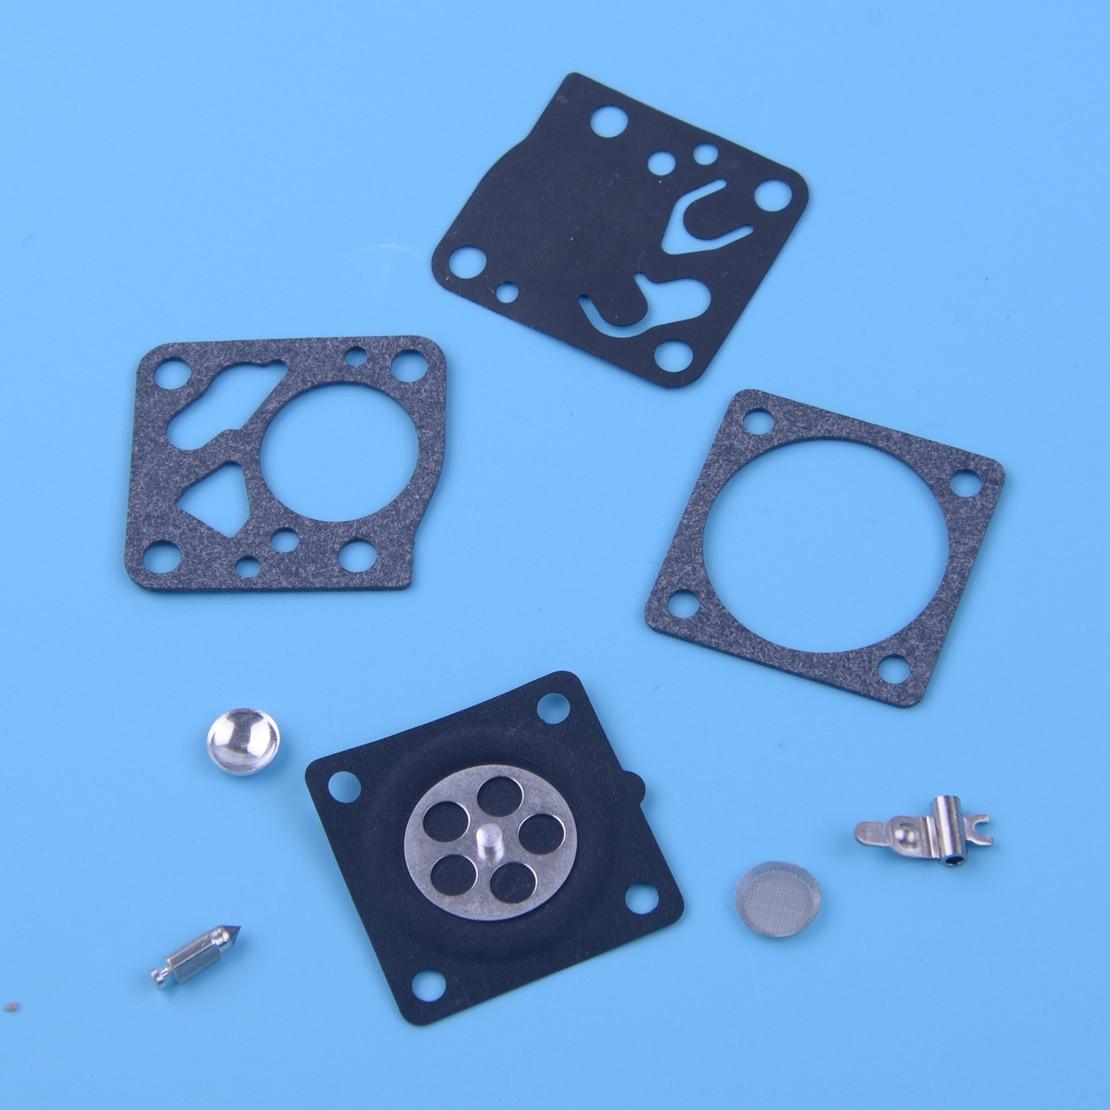 LETAOSK 1 Set Of Carburetor Repair Carb Rebuild Kit Fit For Tecumseh TC200 TC300 Tillotson RK21 HU 632933